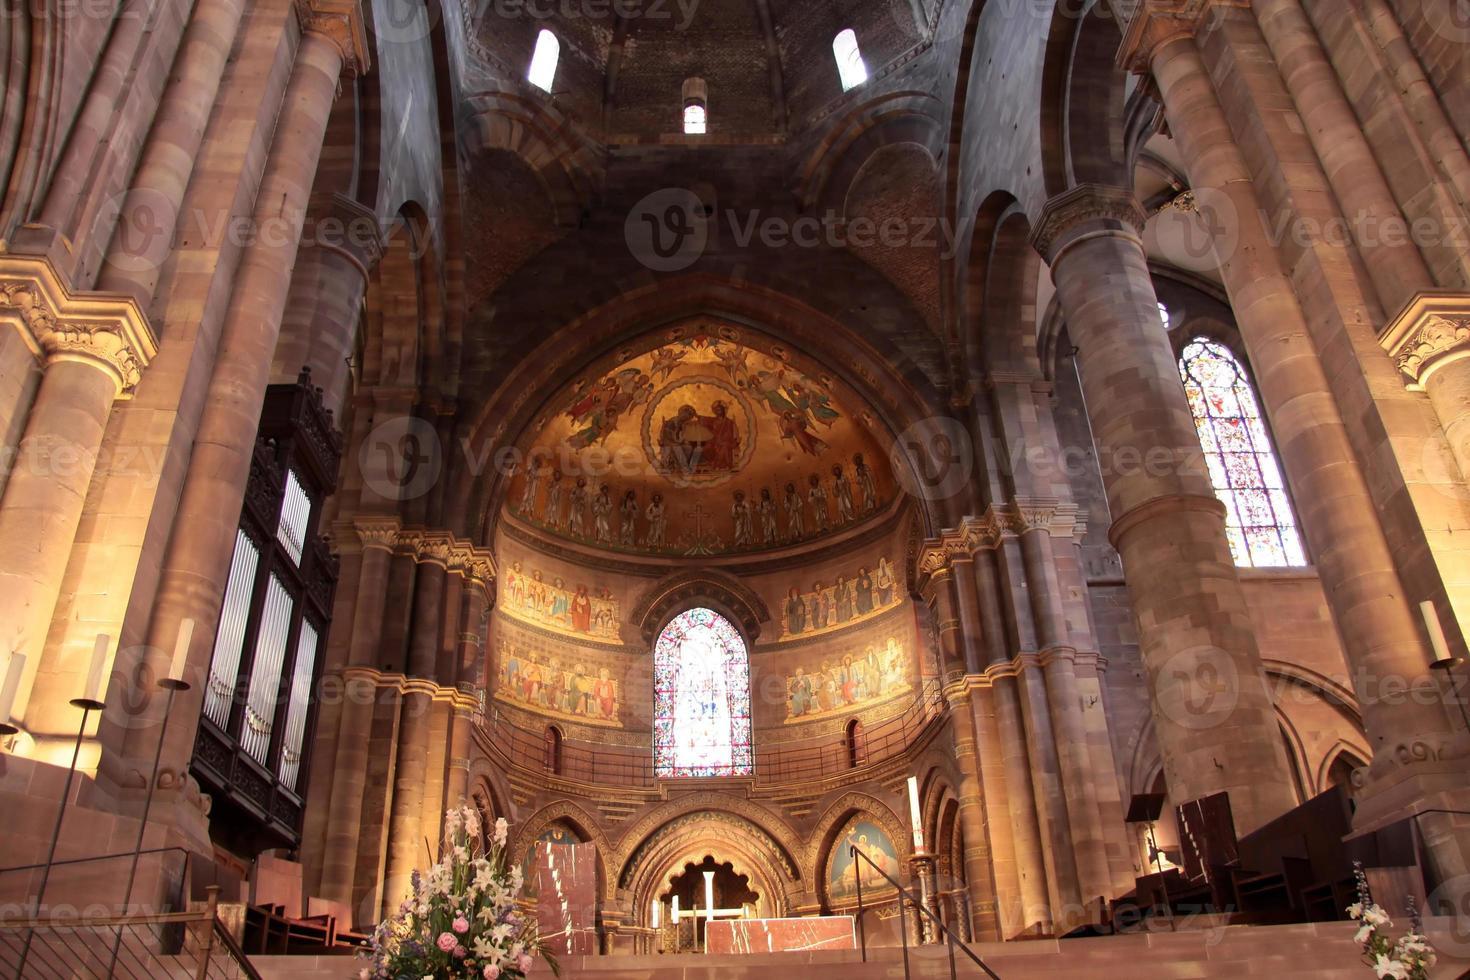 koor van de kathedraal van Straatsburg foto